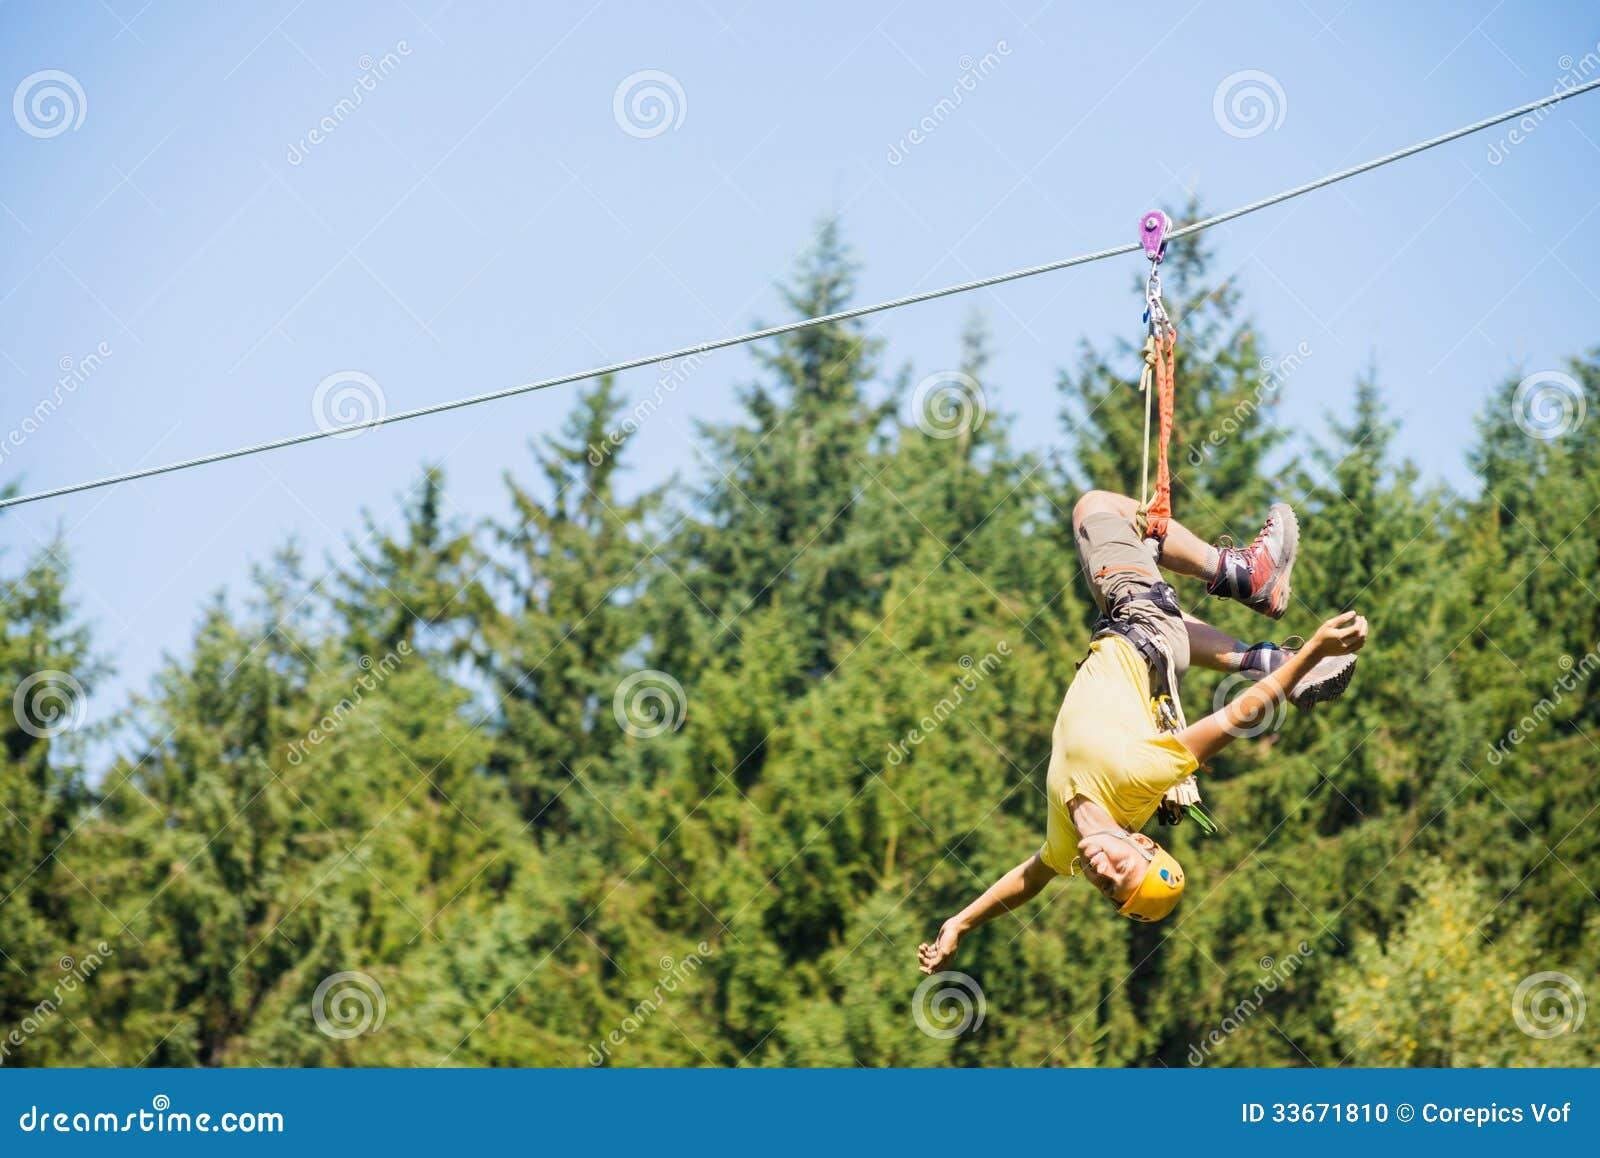 Висеть человека вверх ногами на линии застежка-молнии